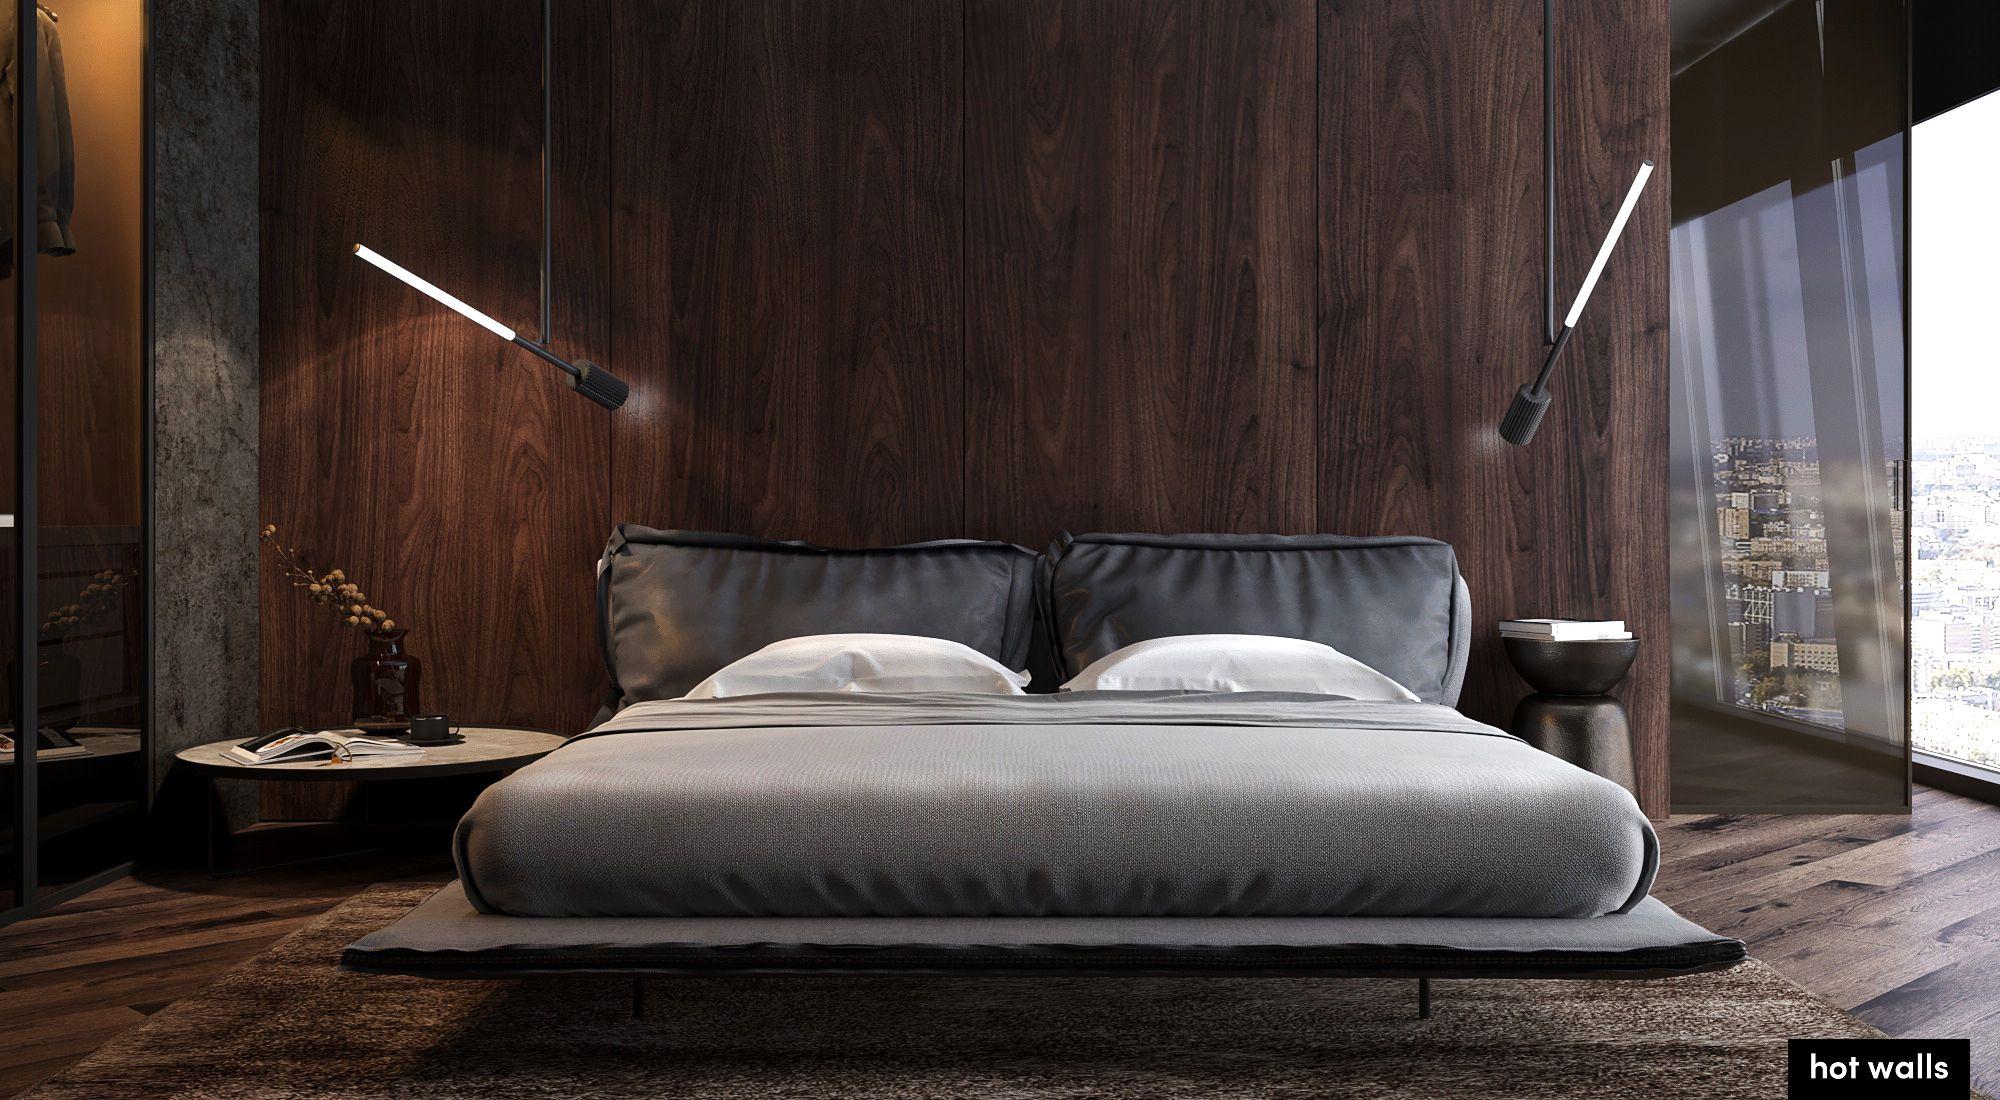 Bedroom_11.01.18_4_16-02-29